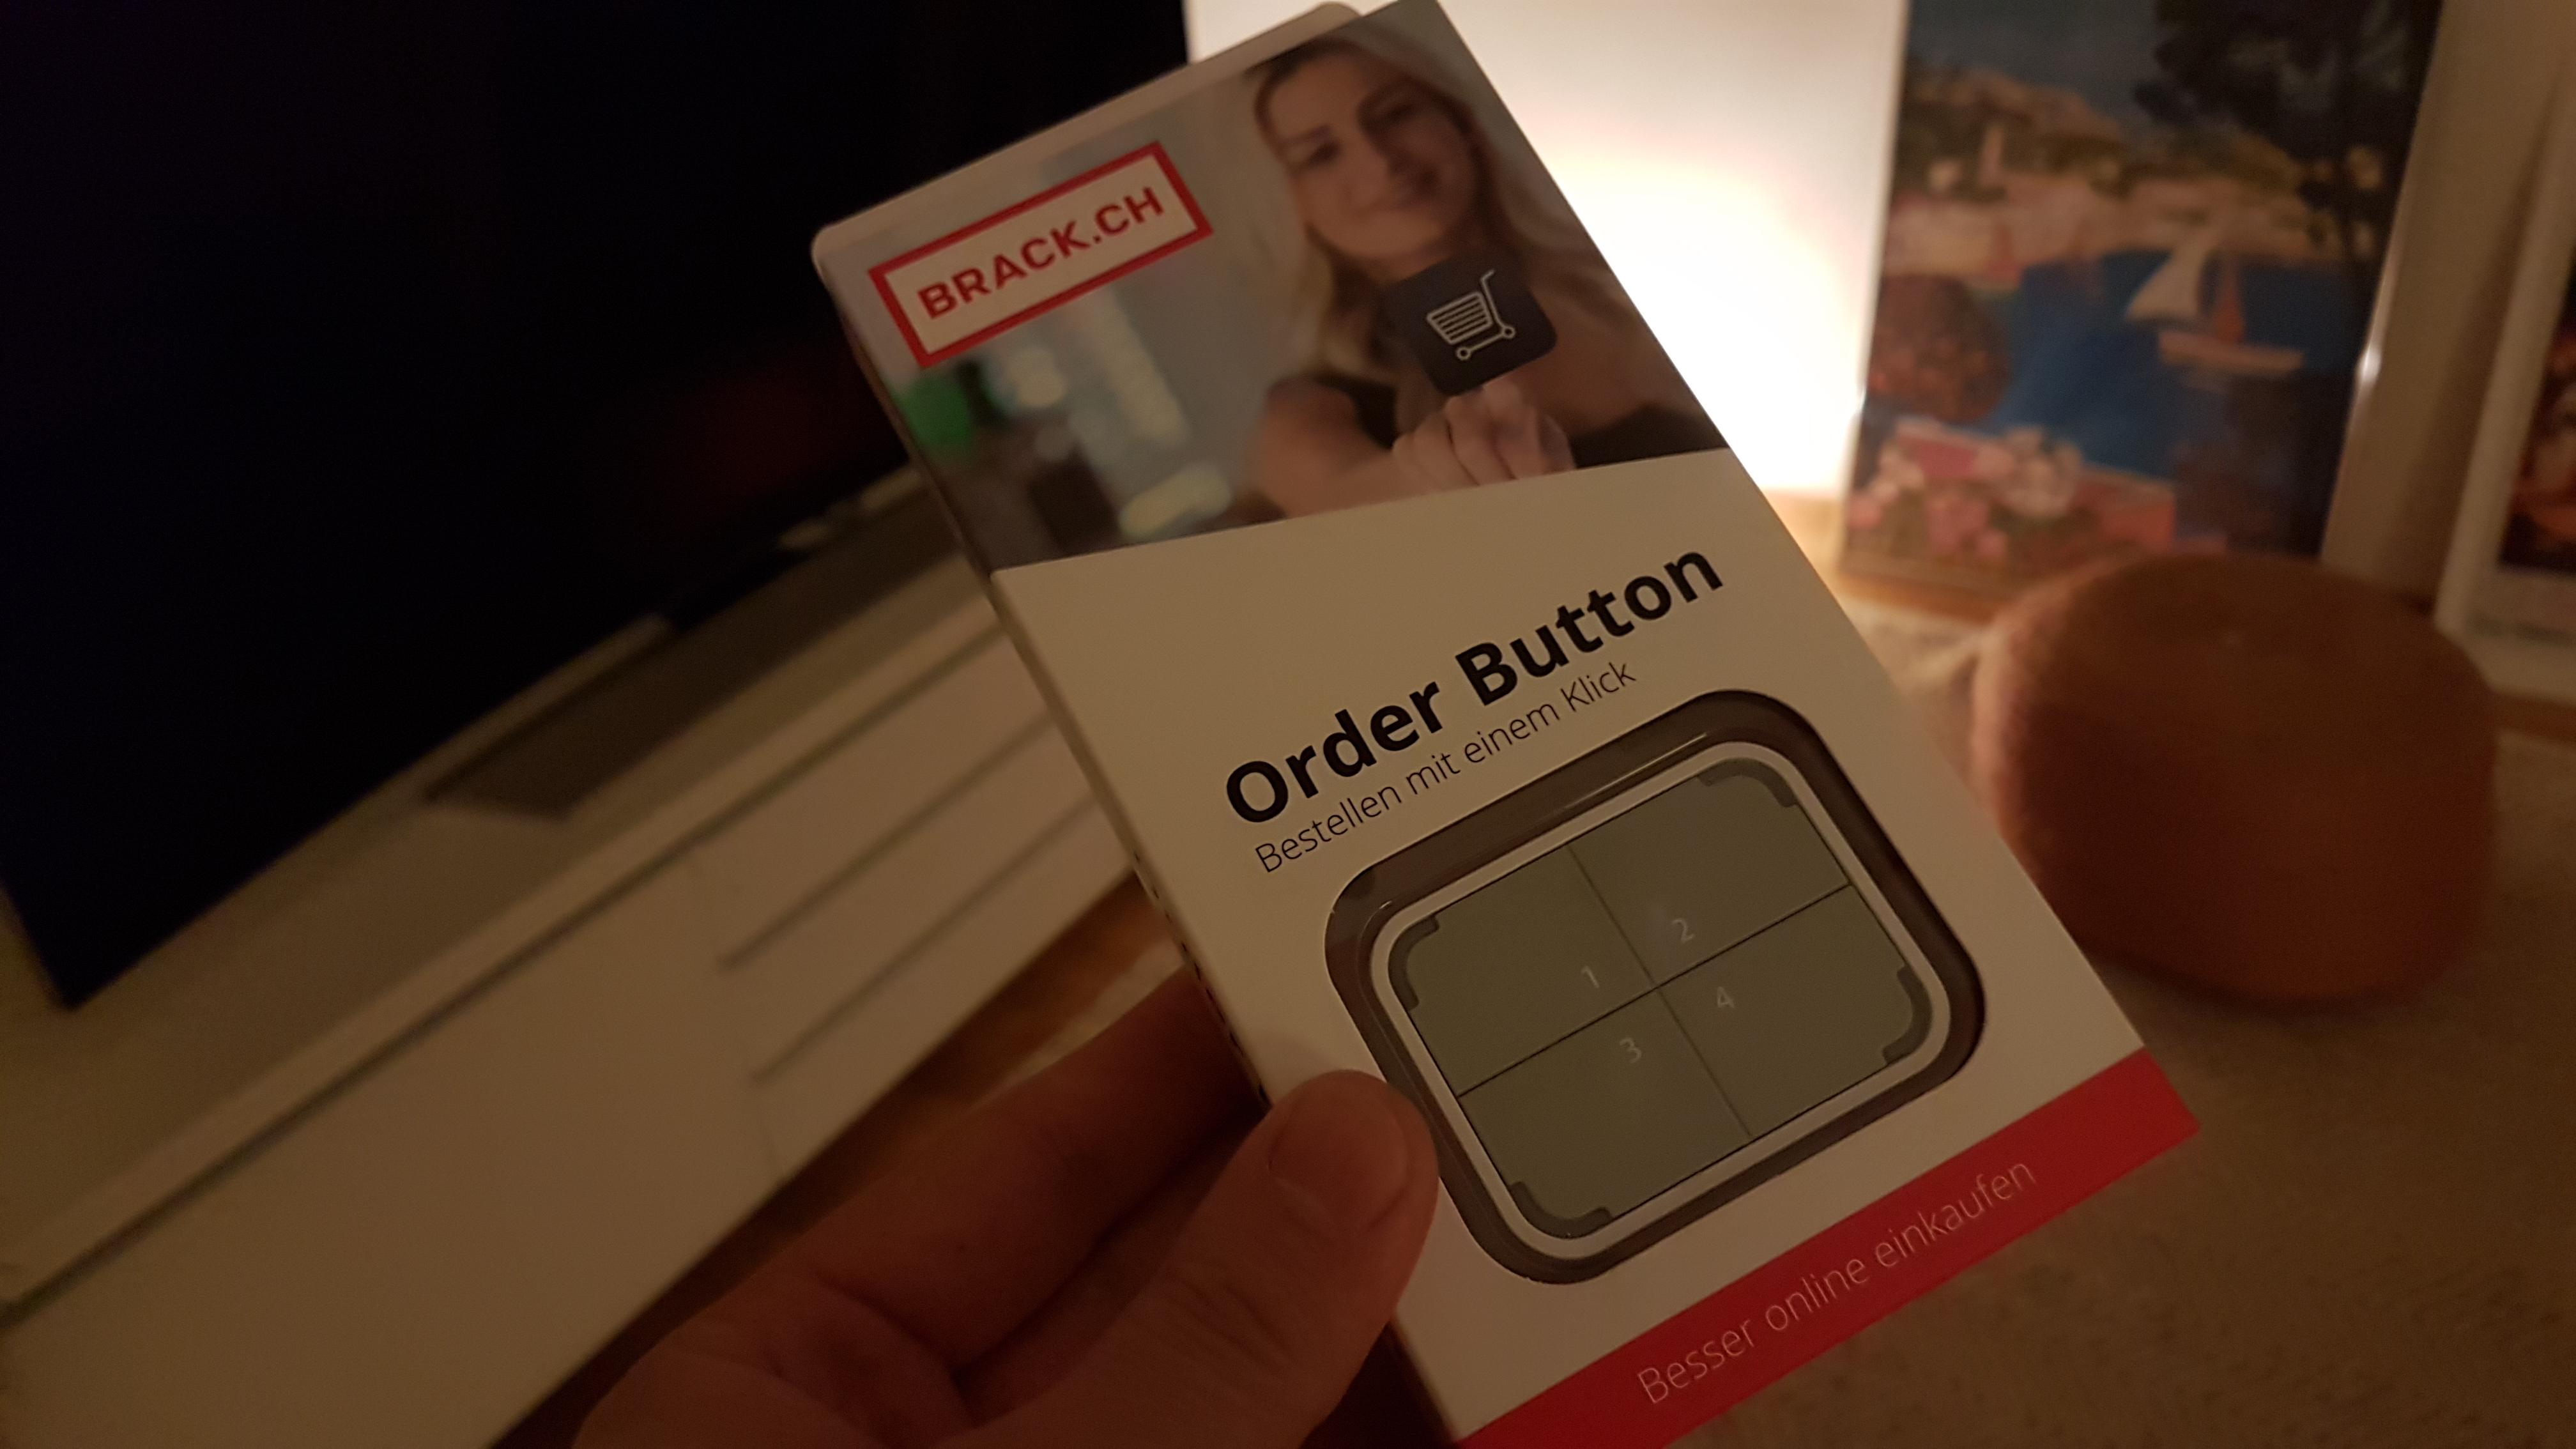 Photo of Brack.ch Order Button: Neues Update bringt Sammelfunktion